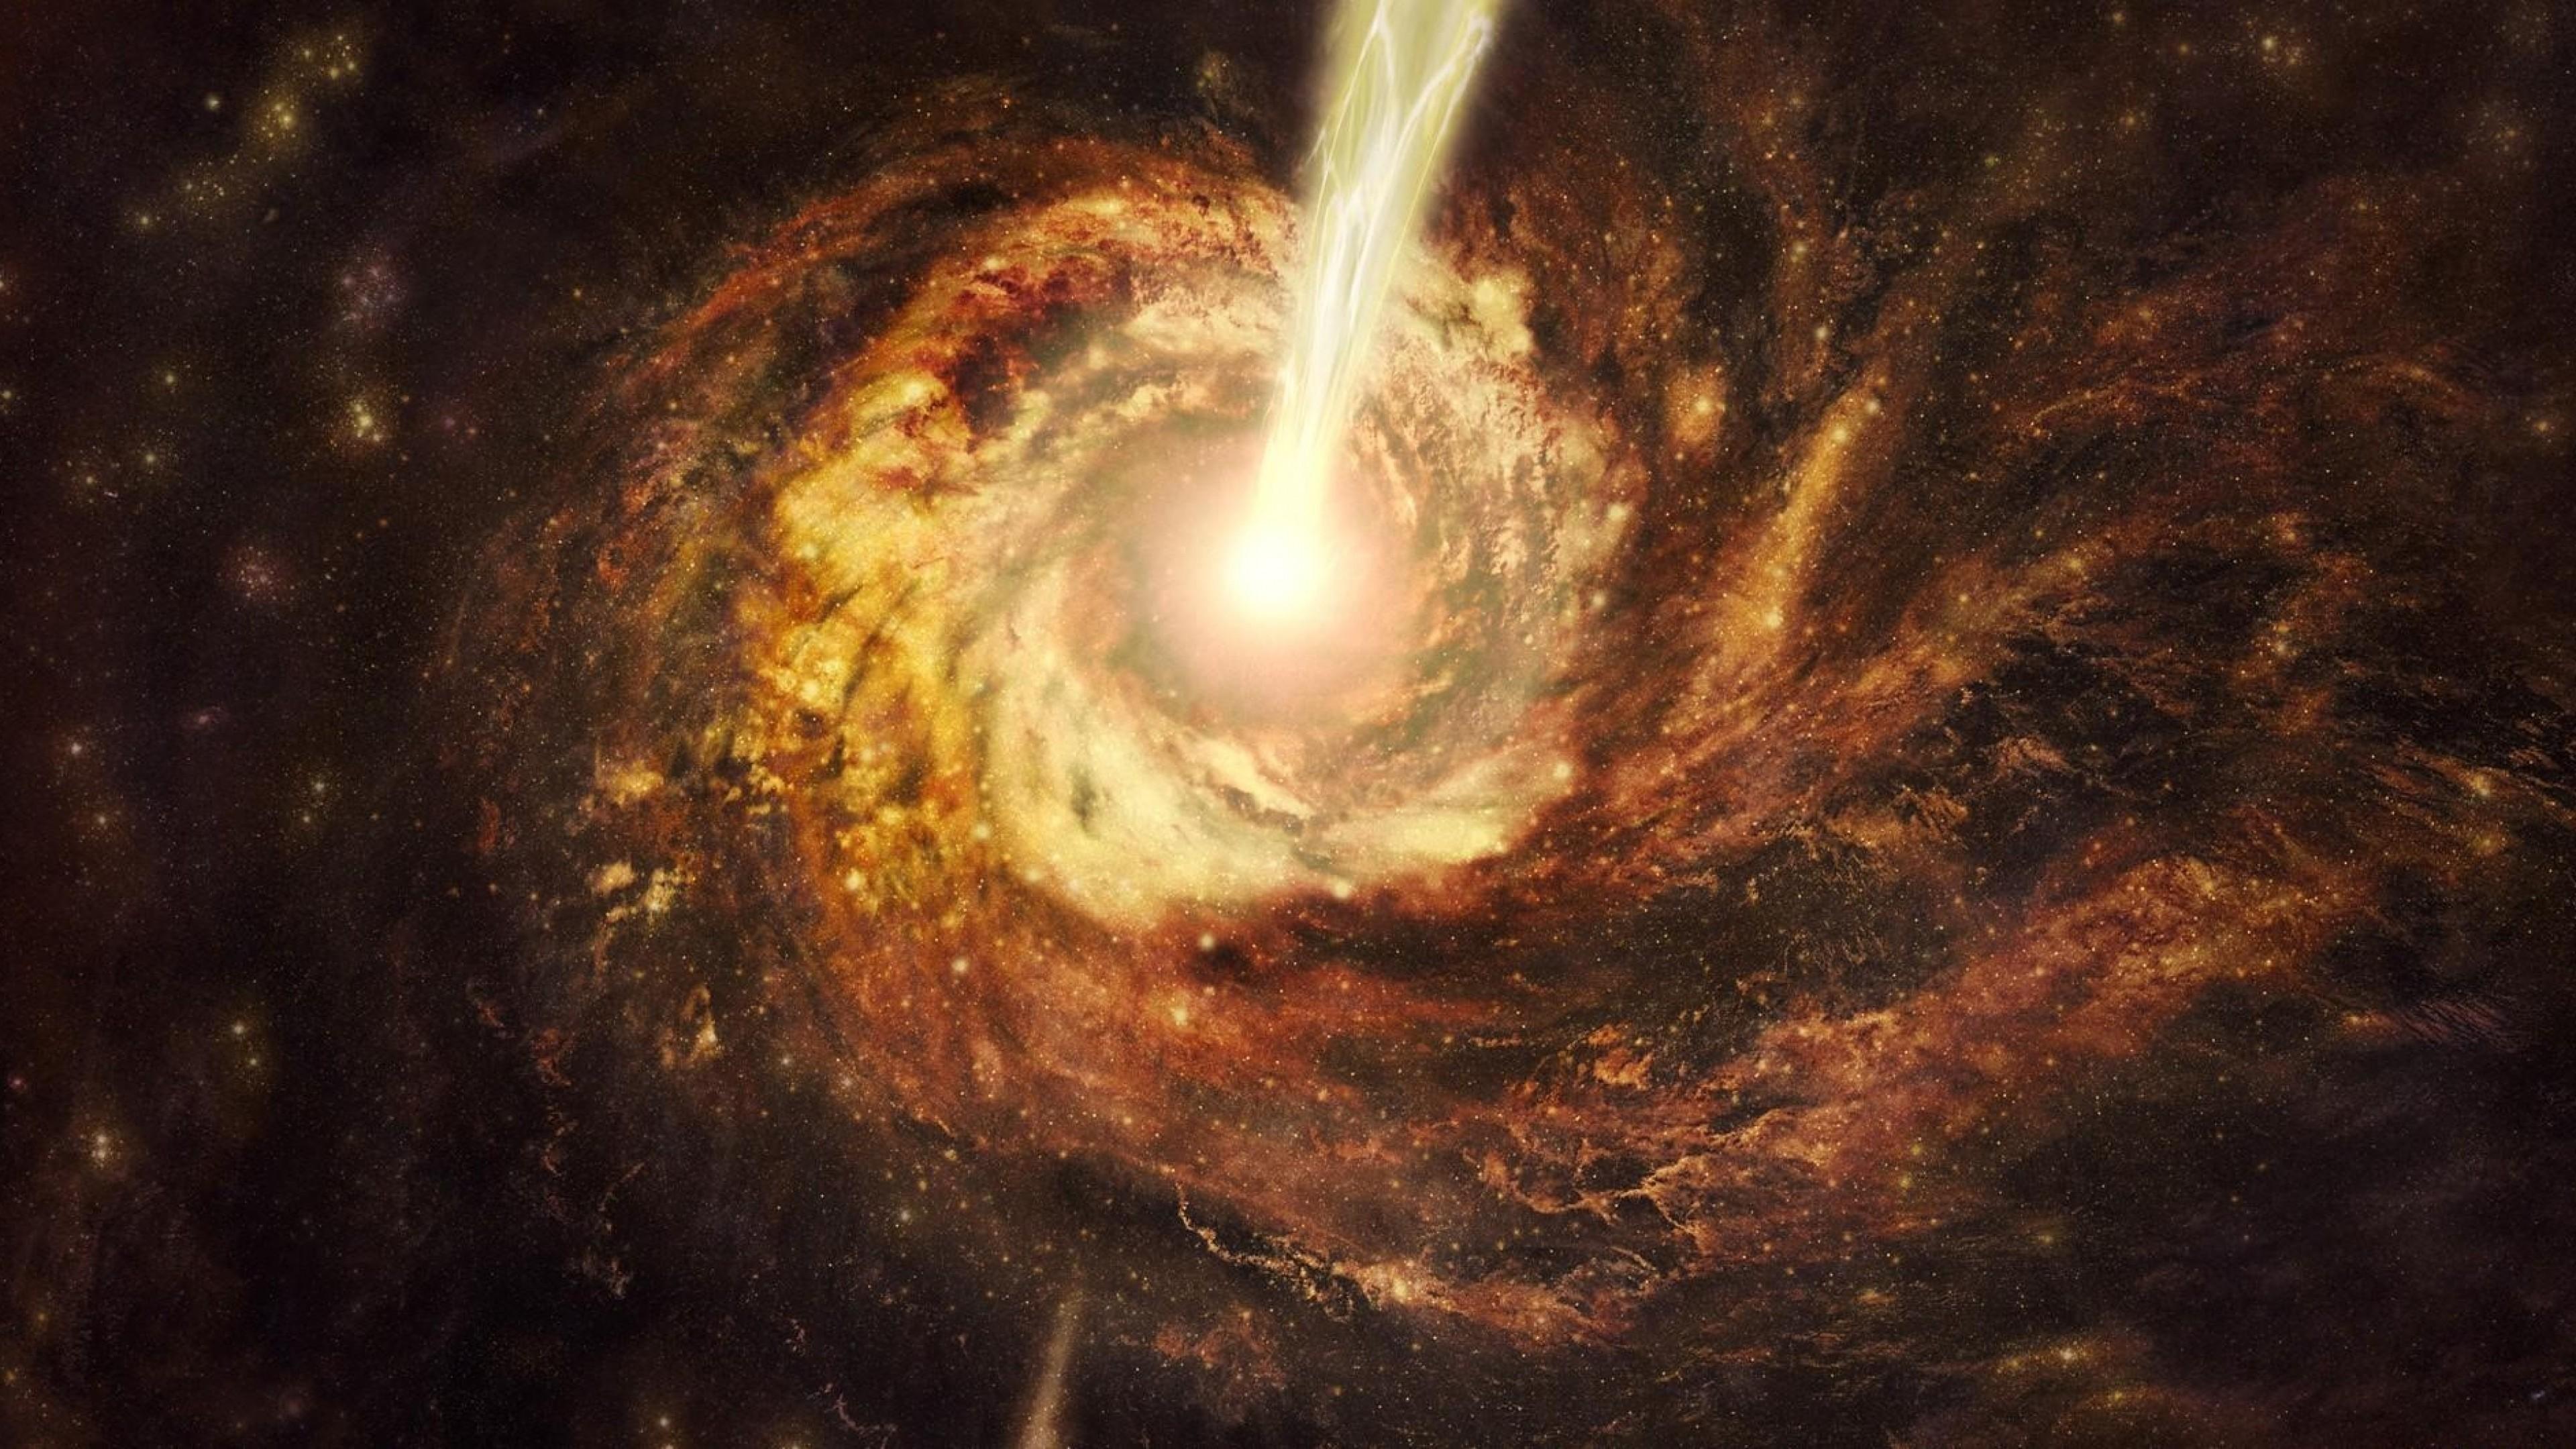 Interstellar Black Hole HD Wallpaper x ID